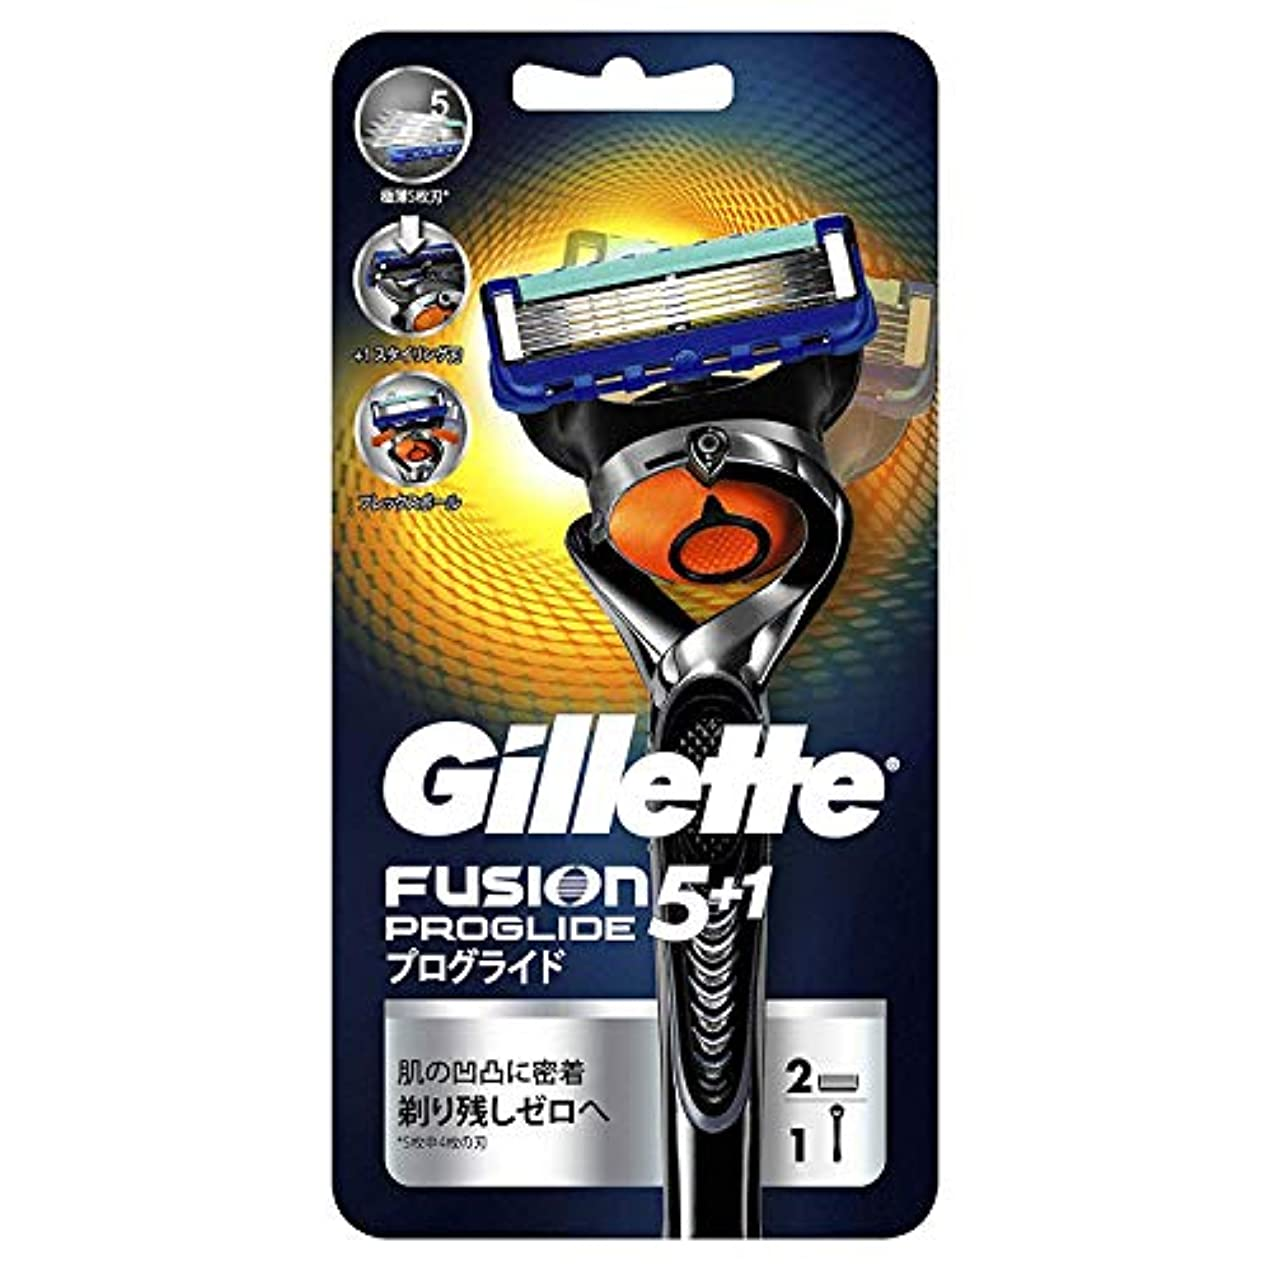 スモッグ空テンション【P&G】ジレット プログライド フレックスボール マニュアル ホルダー 替刃2個付 ×20個セット